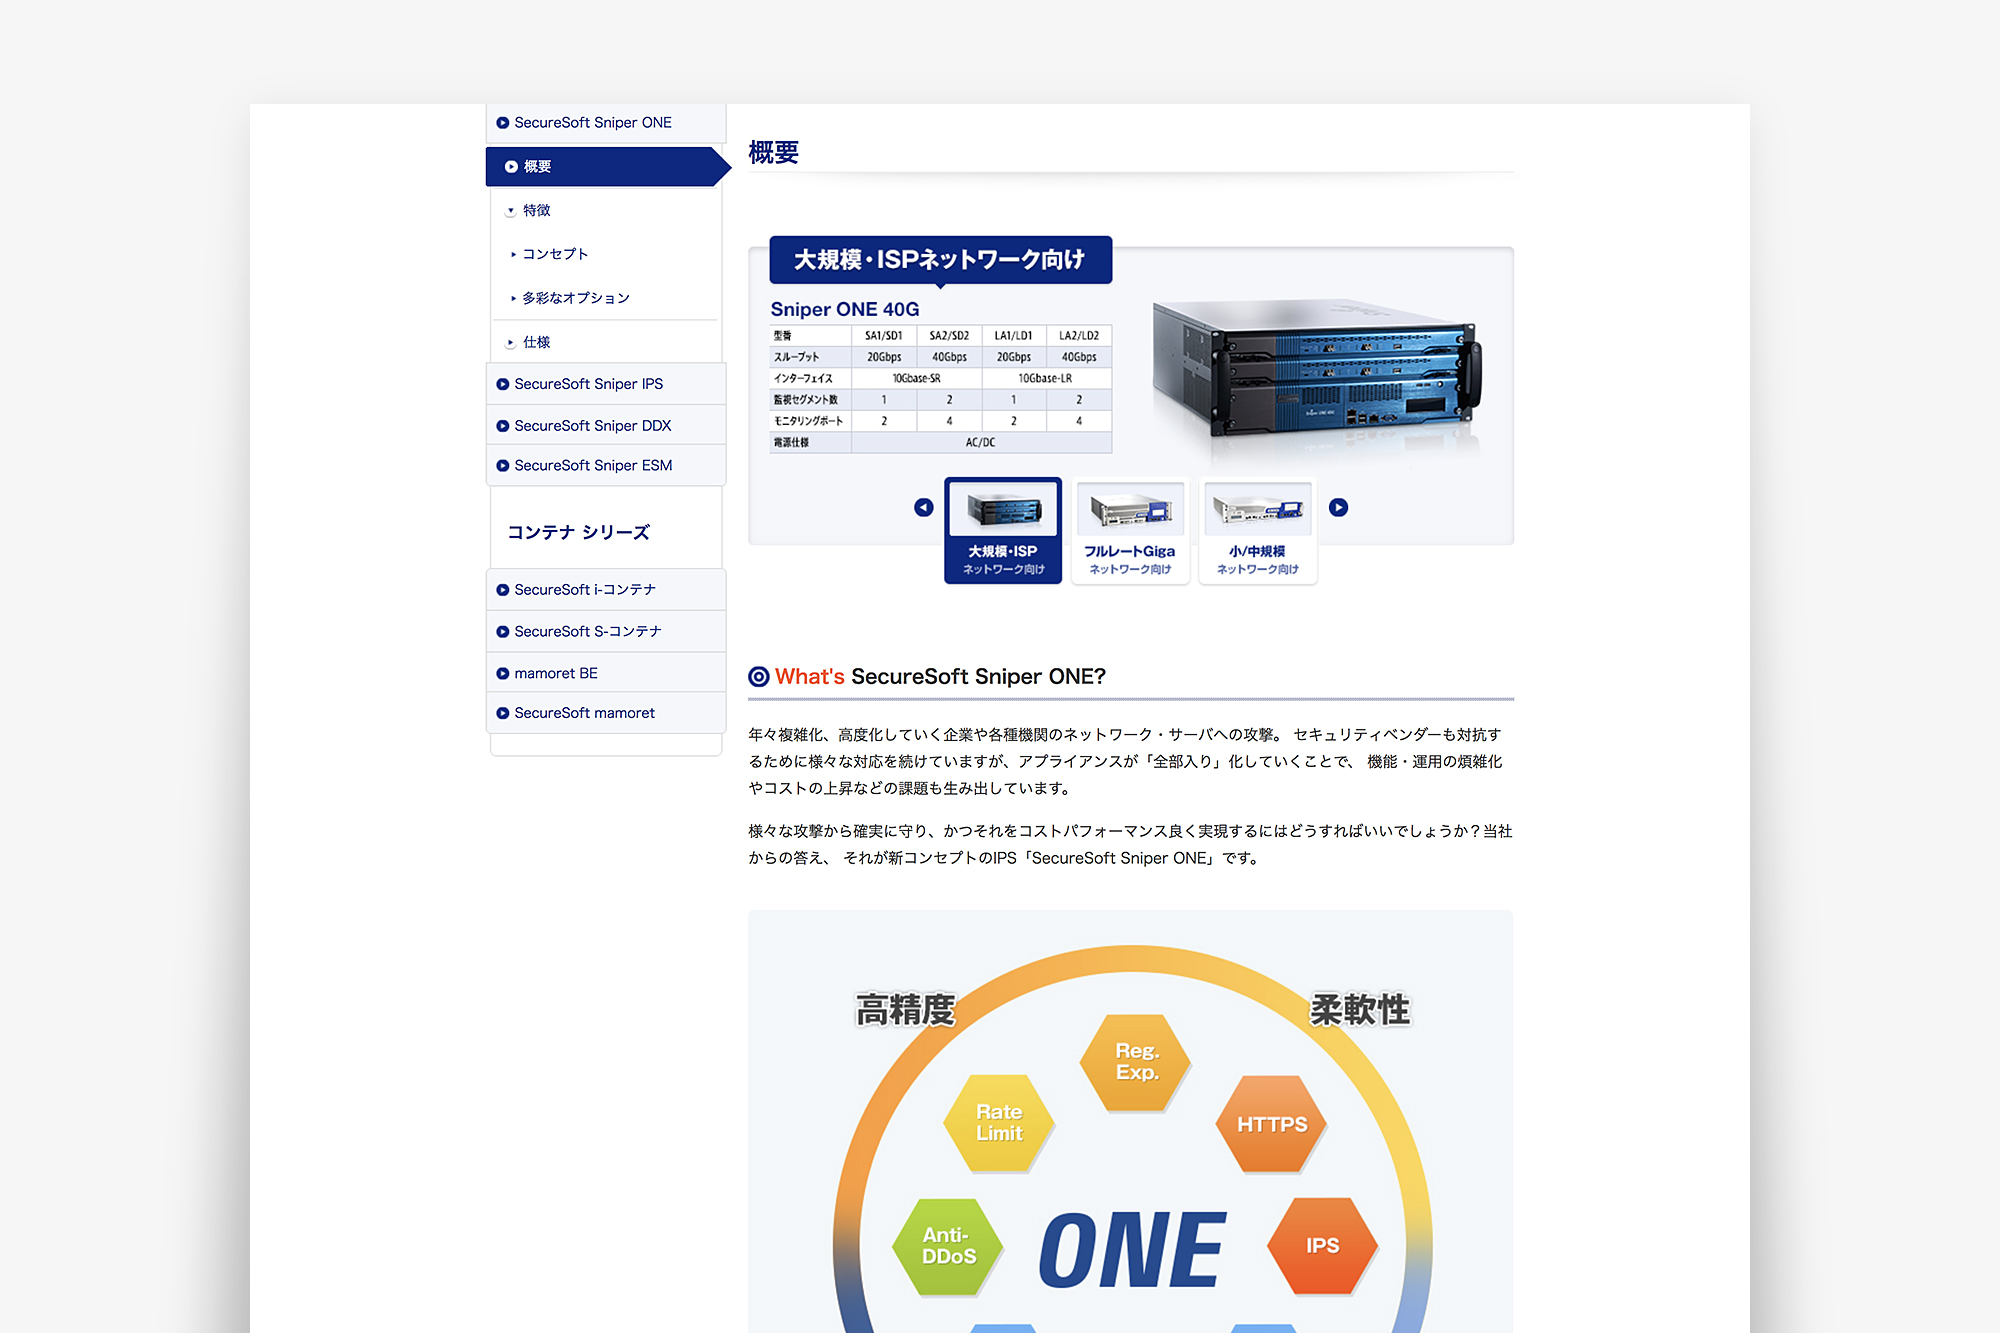 株式会社セキュアソフト オフィシャルサイト